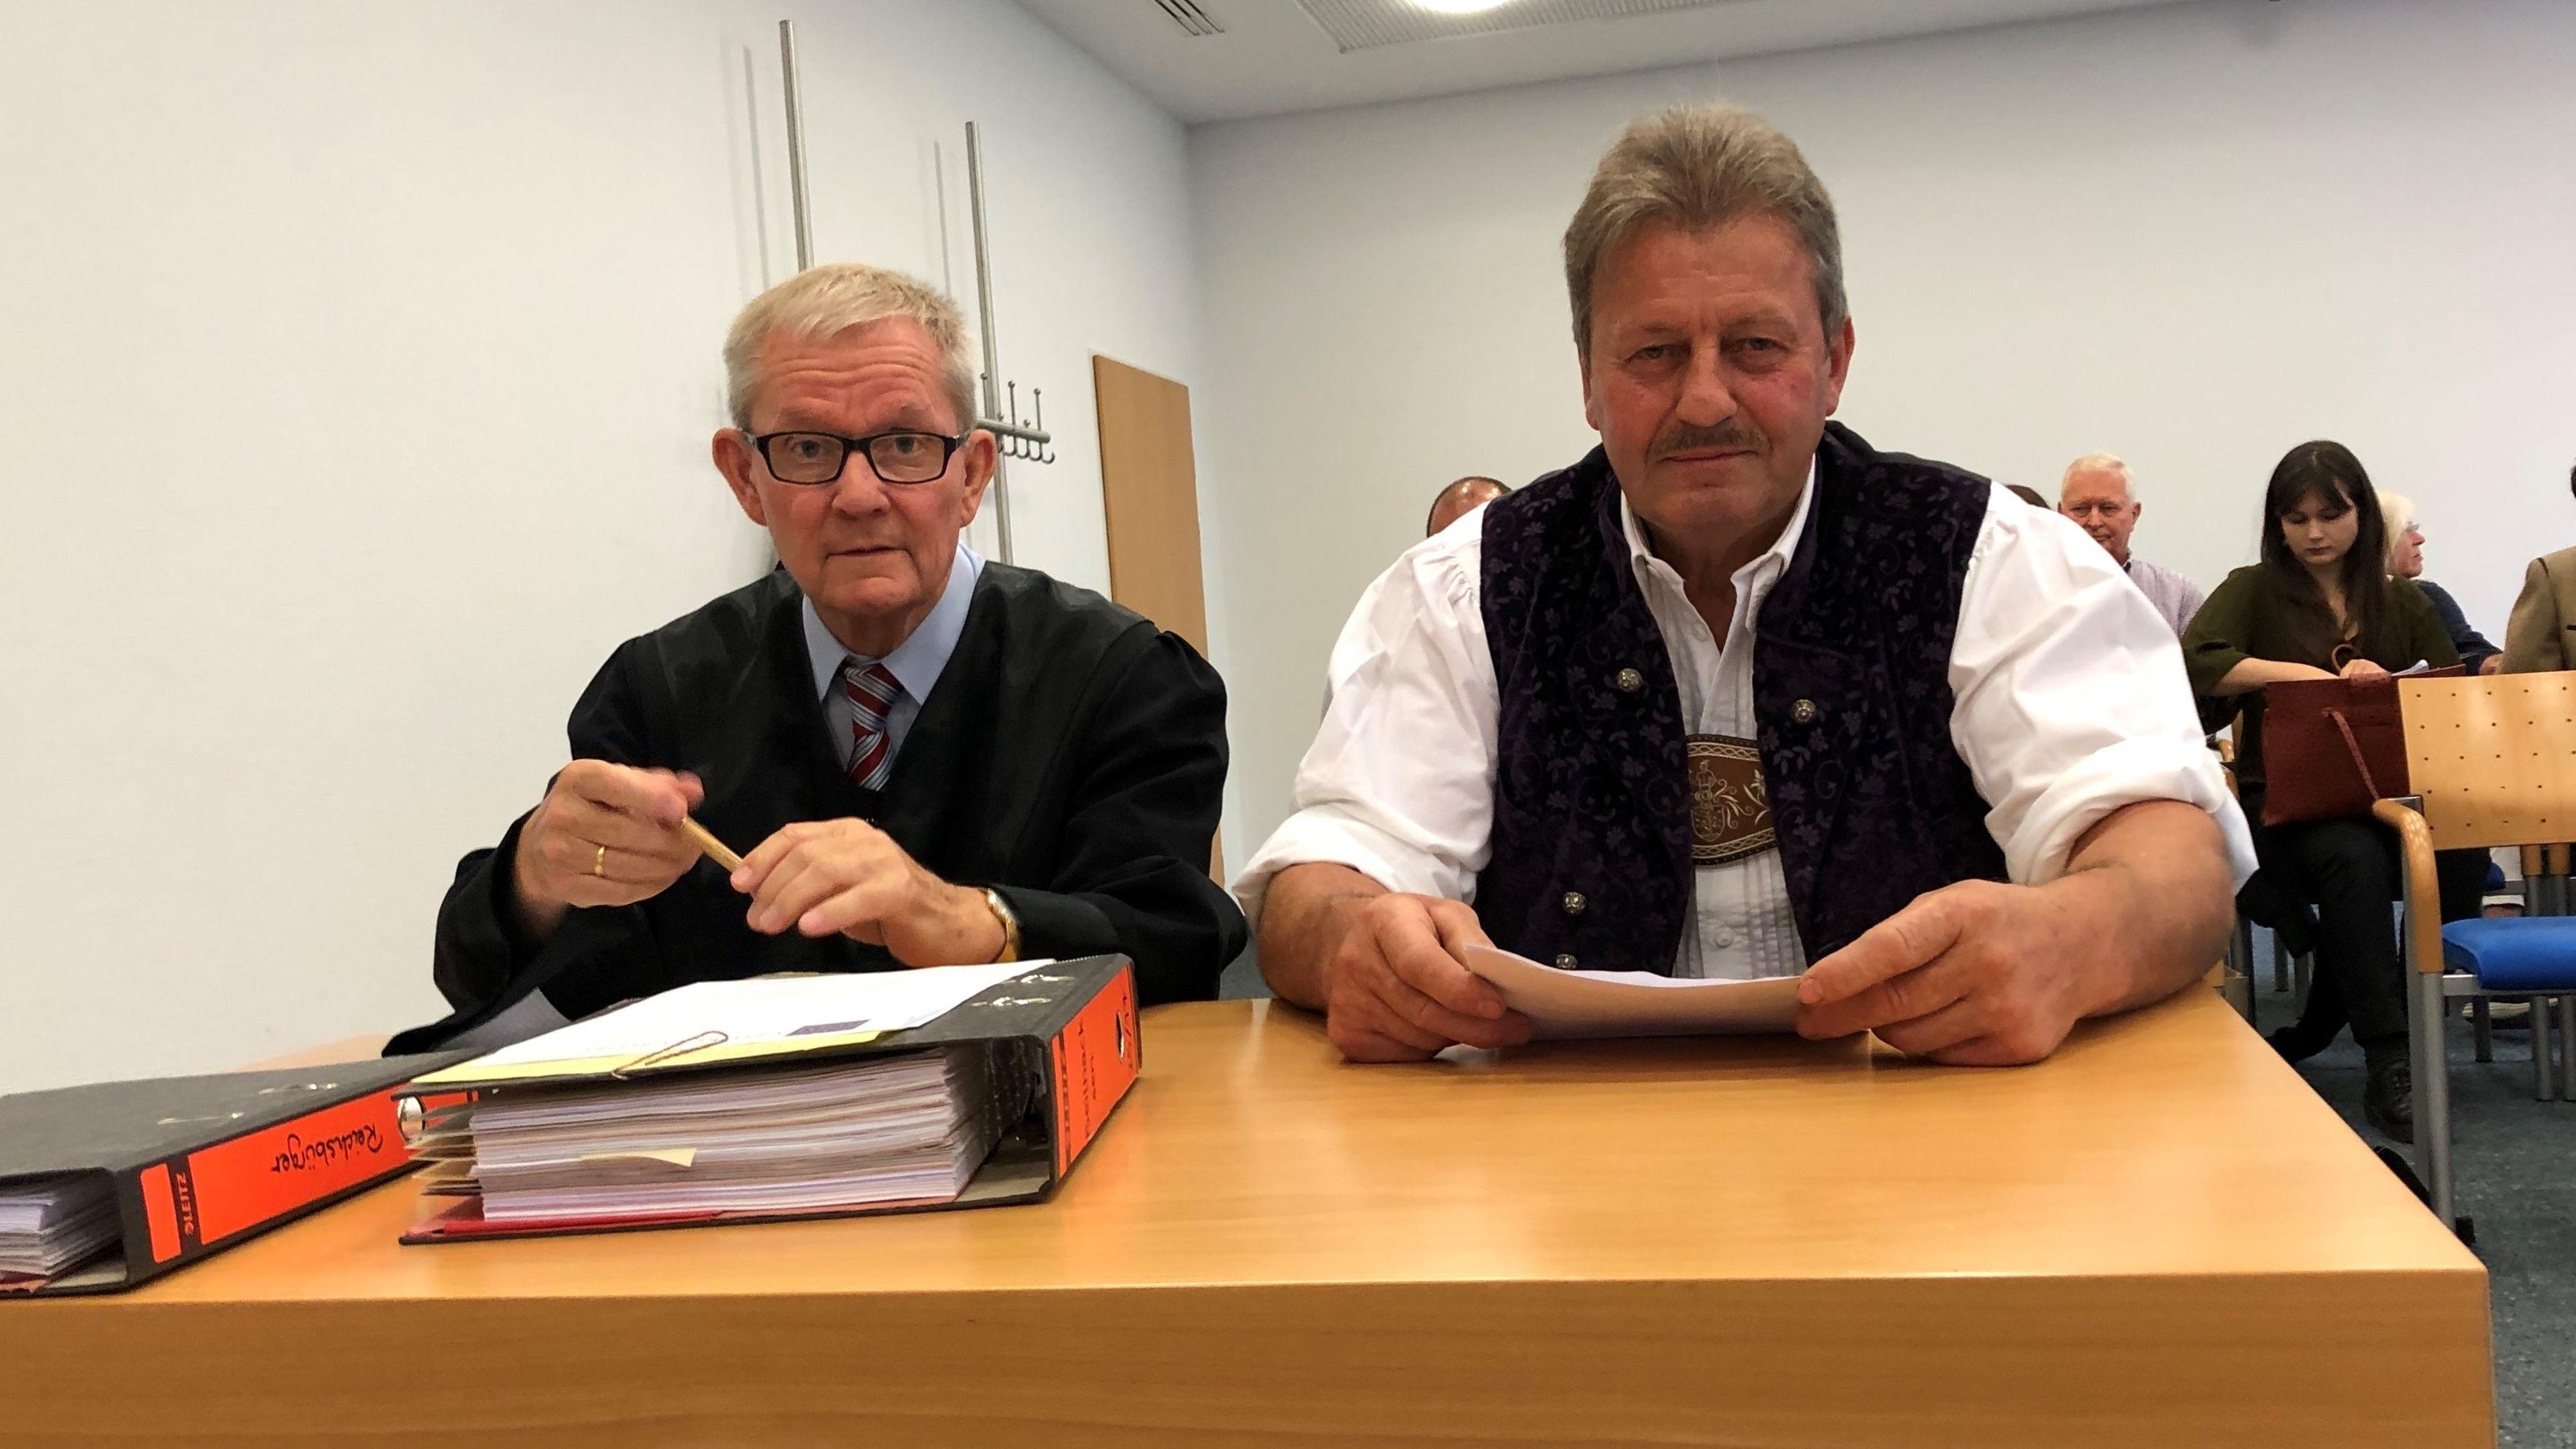 Kläger und Hauptmann der Gebirgsschützen (rechts) mit seinem Anwalt im Verwaltungsgericht München.